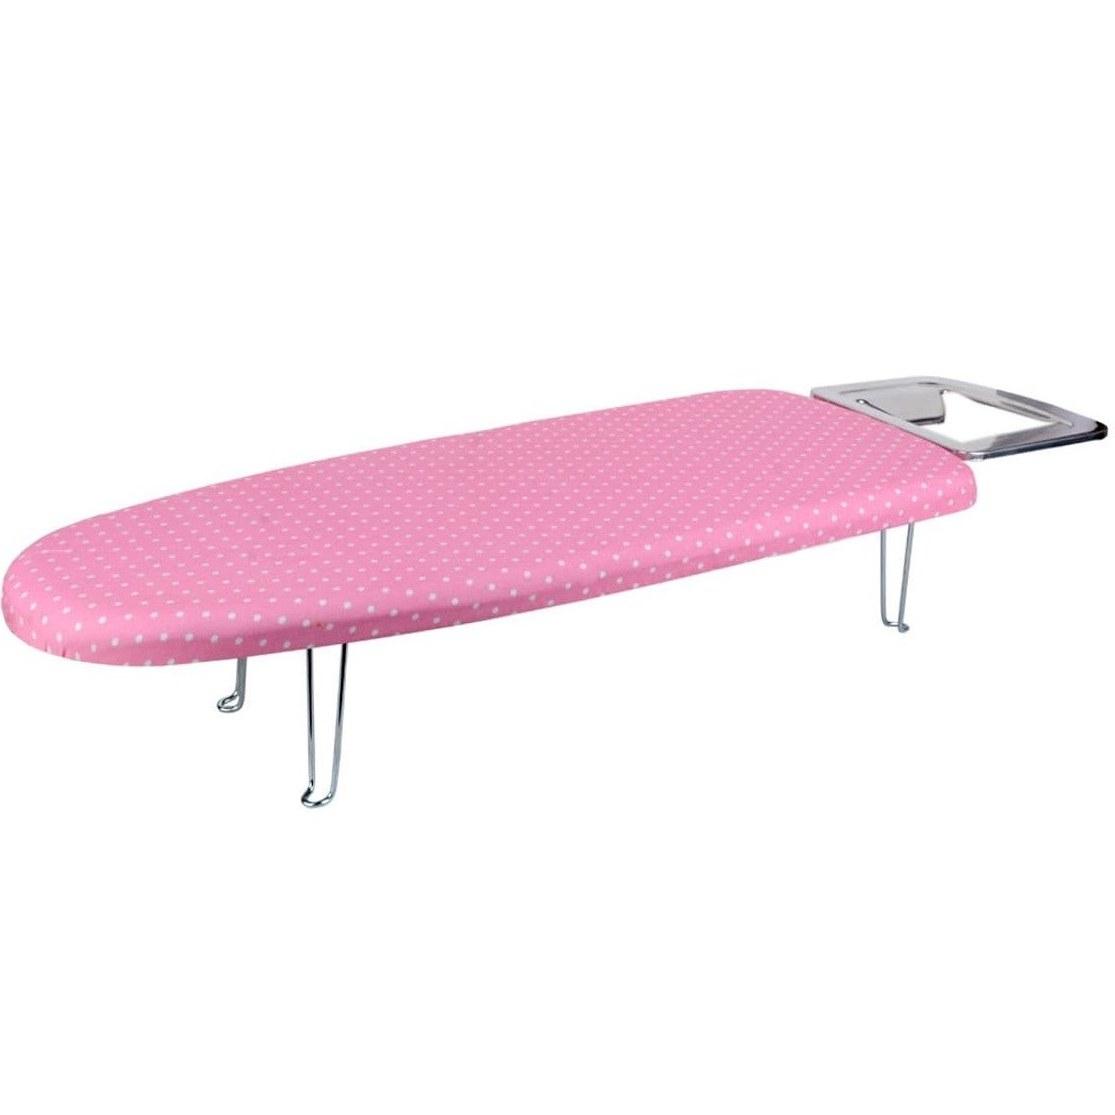 خرید و قیمت میز اتو بهریز مدل 148 (بدون پریز)   ترب